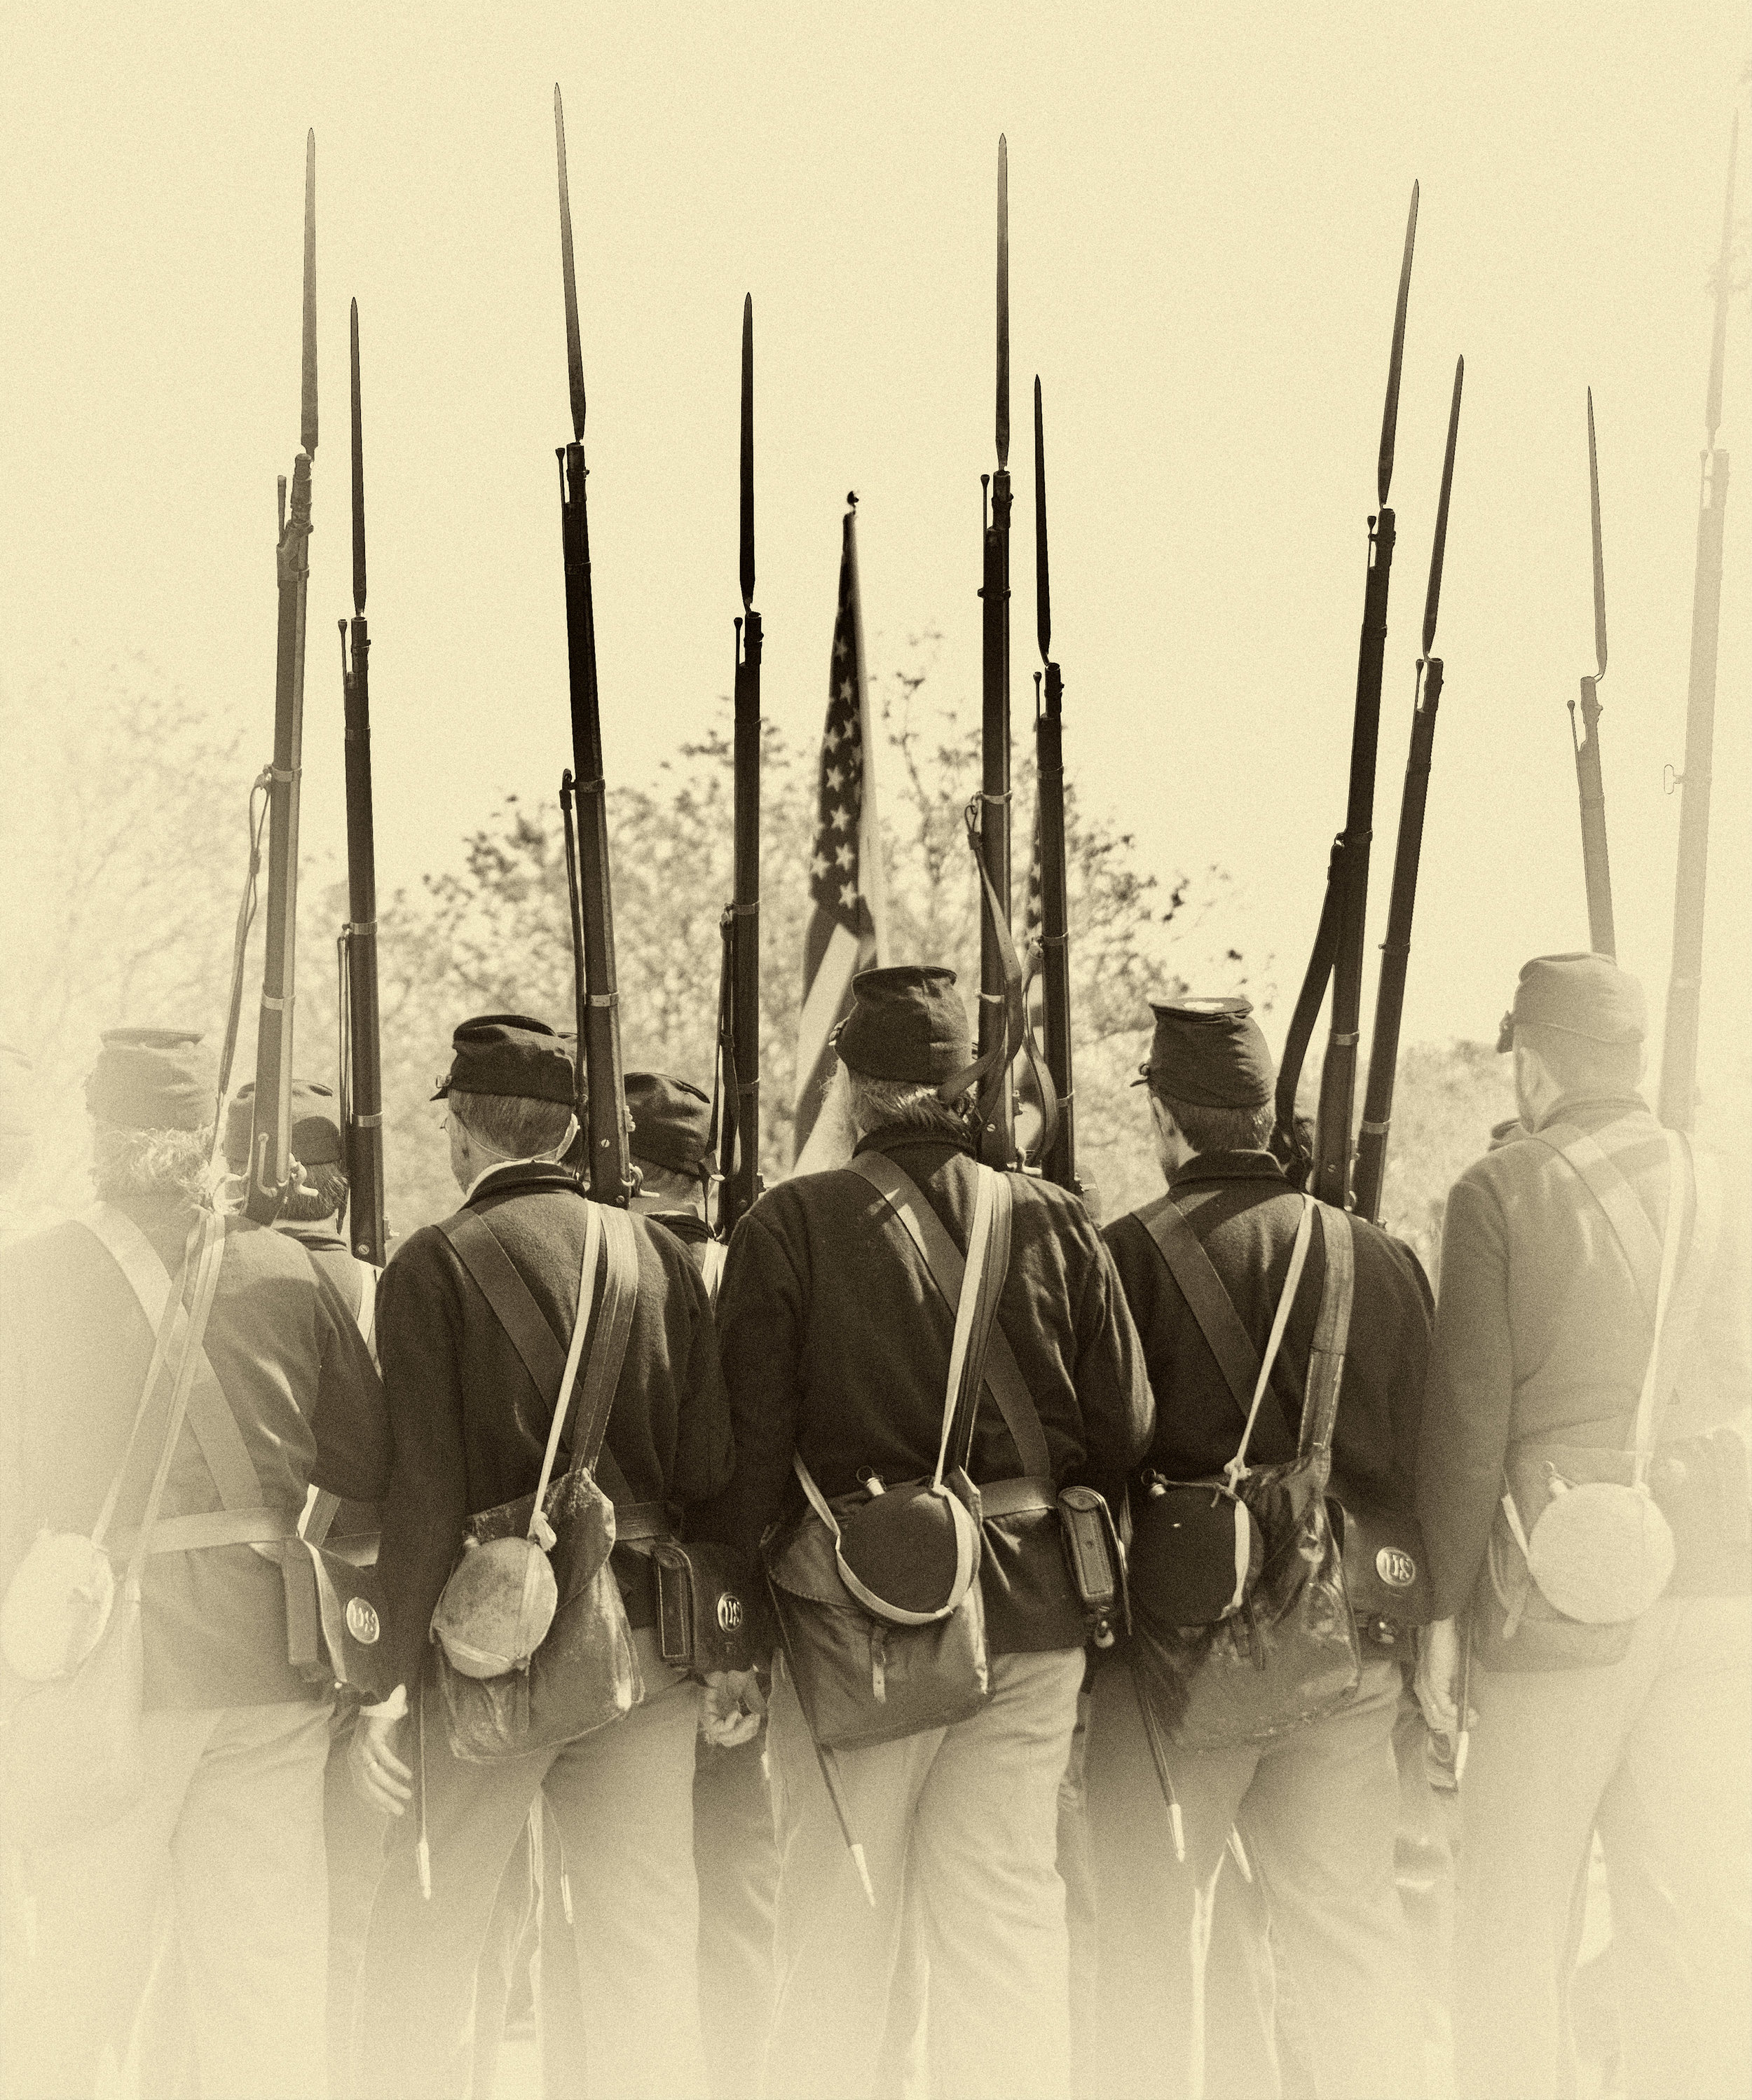 SOLDIERS_5017.jpg